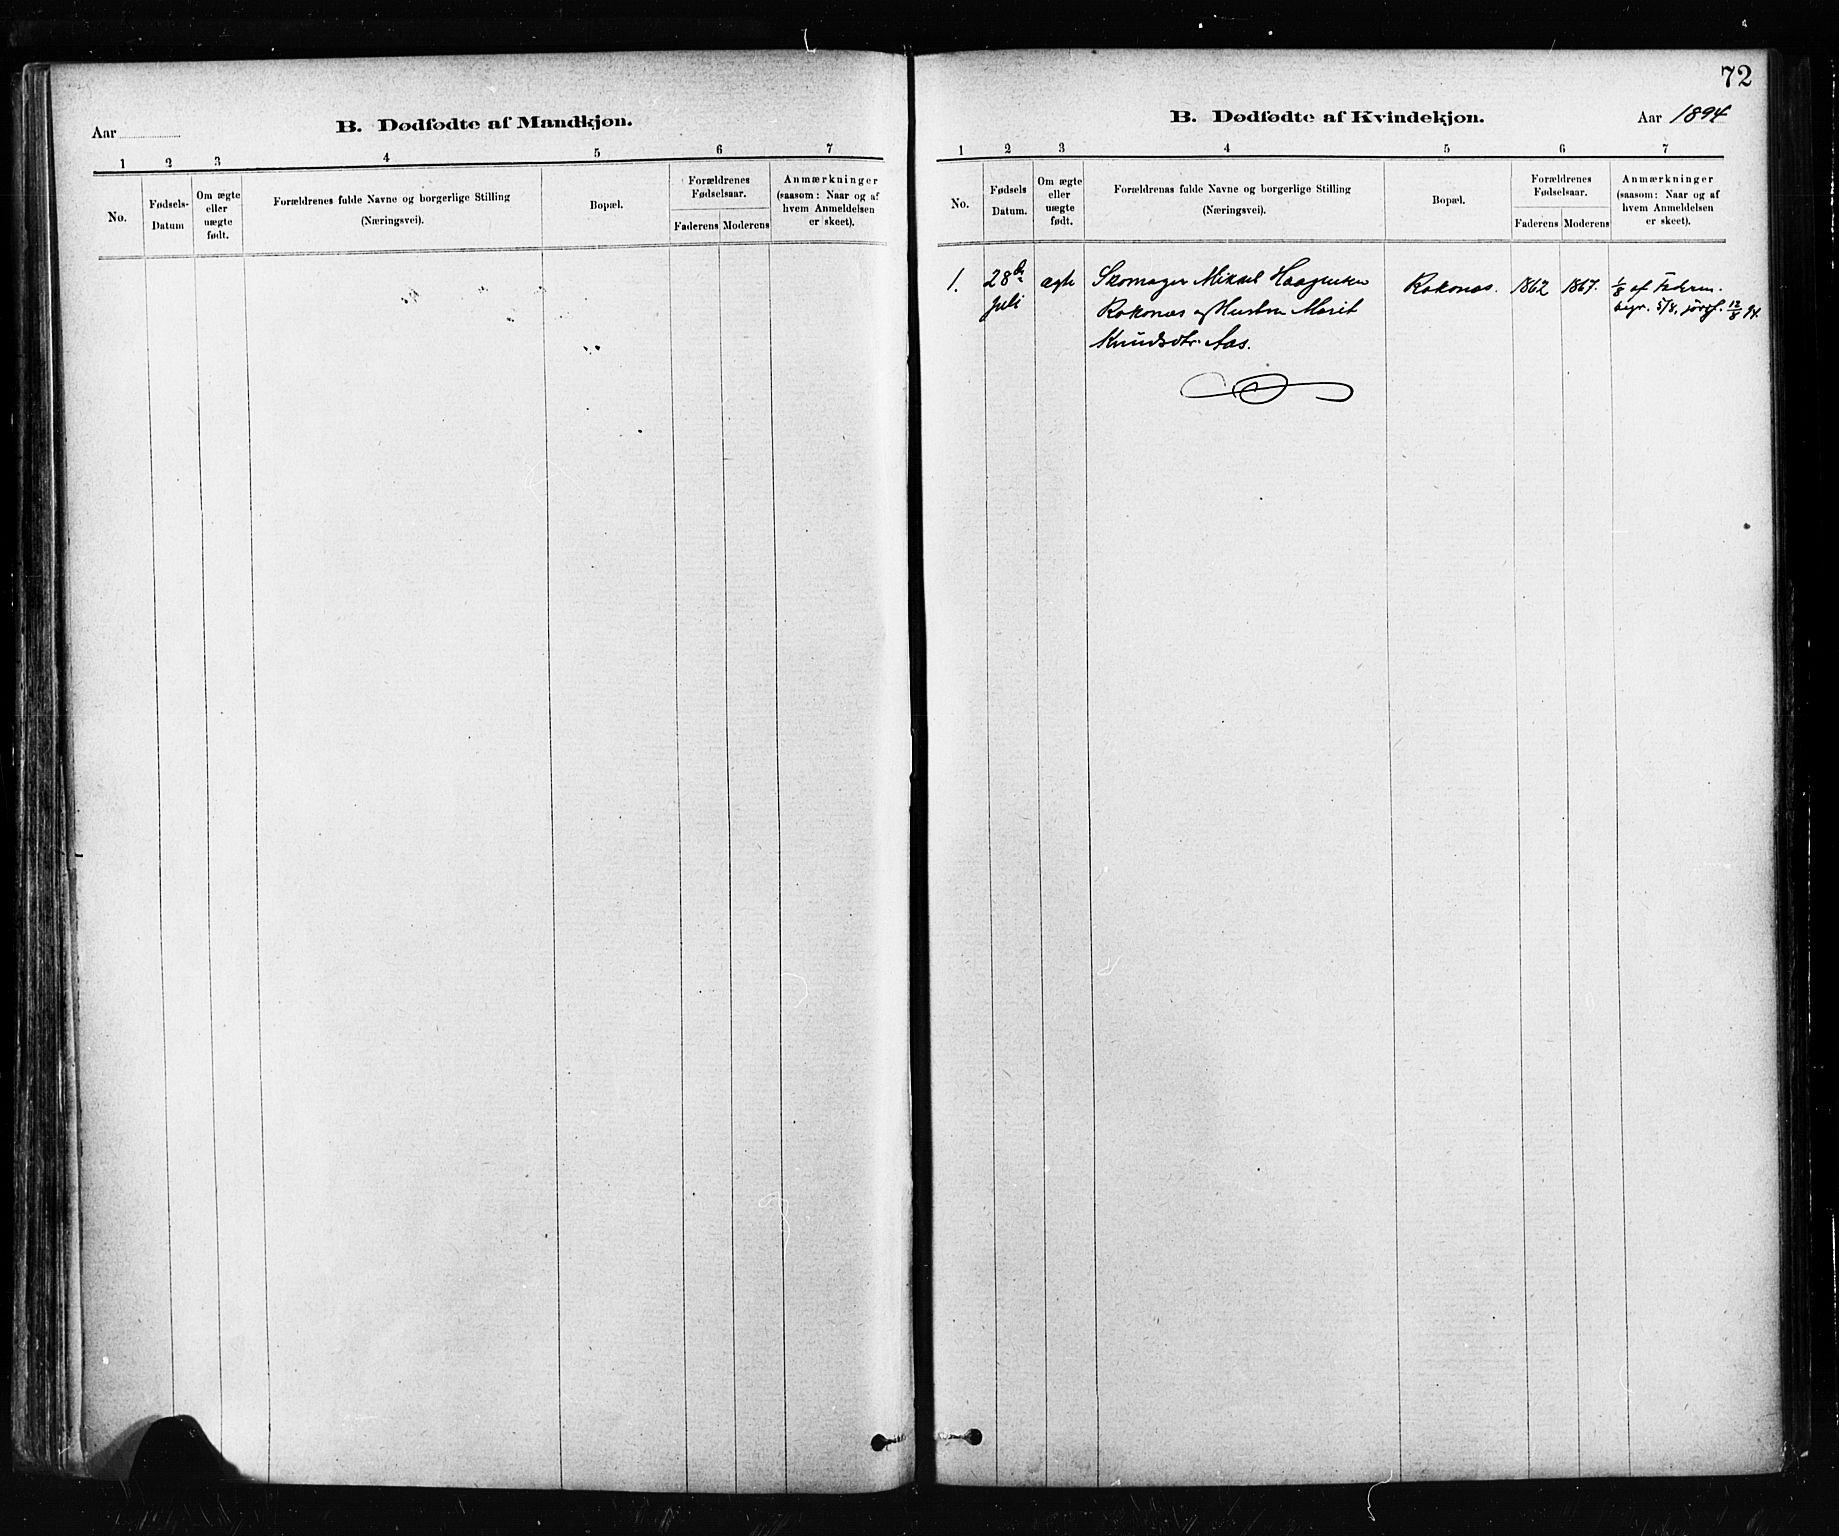 SAT, Ministerialprotokoller, klokkerbøker og fødselsregistre - Sør-Trøndelag, 674/L0871: Ministerialbok nr. 674A03, 1880-1896, s. 72